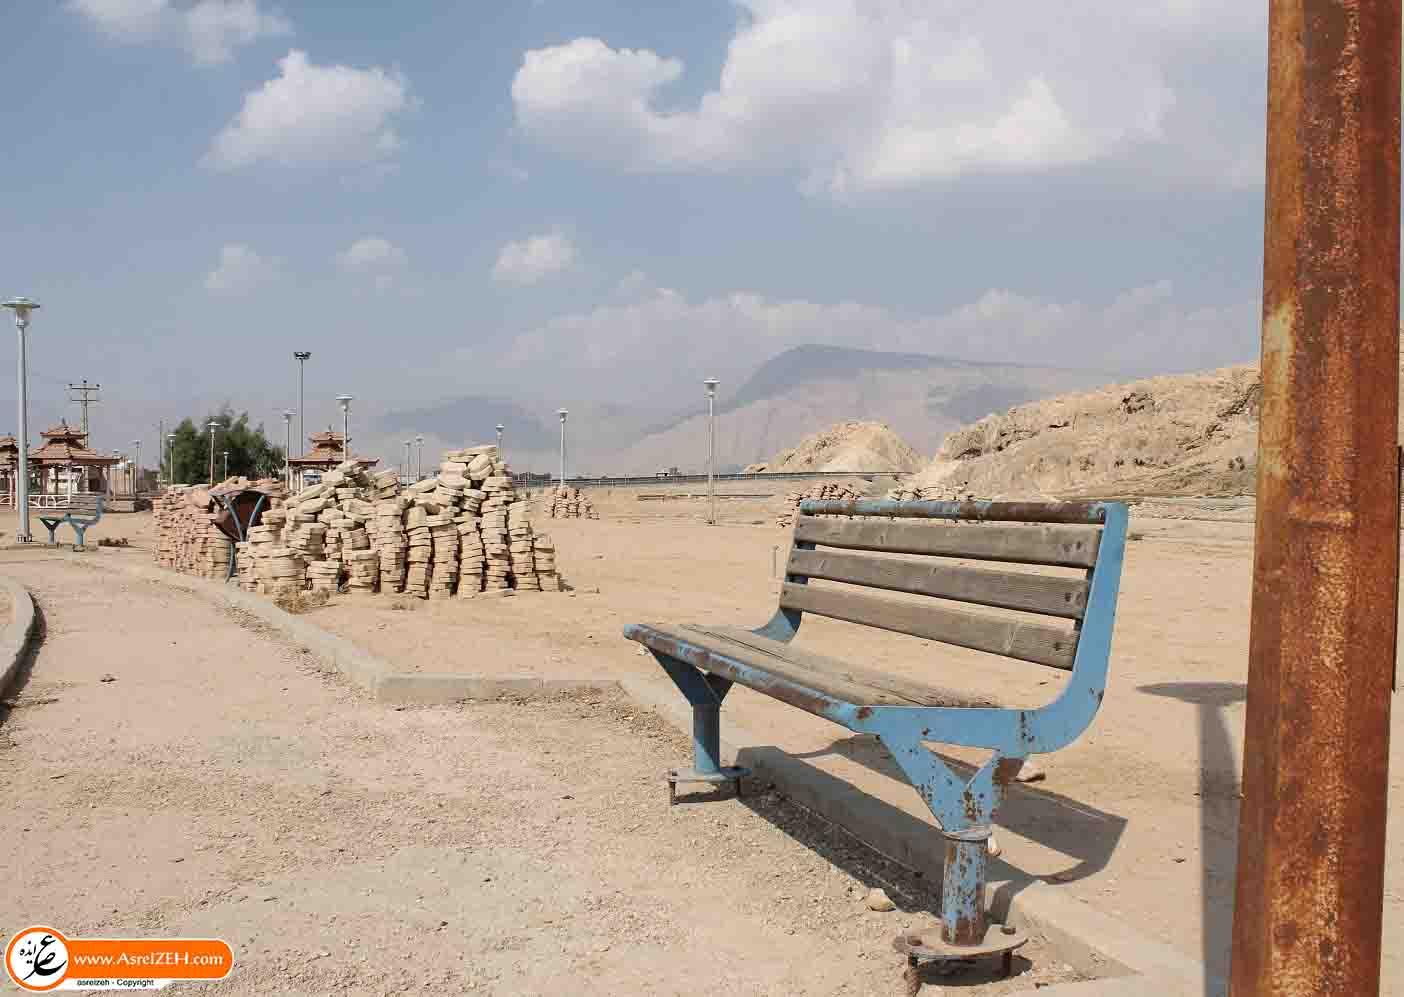 افتتاح پارک آنزان (گنجشگیر)